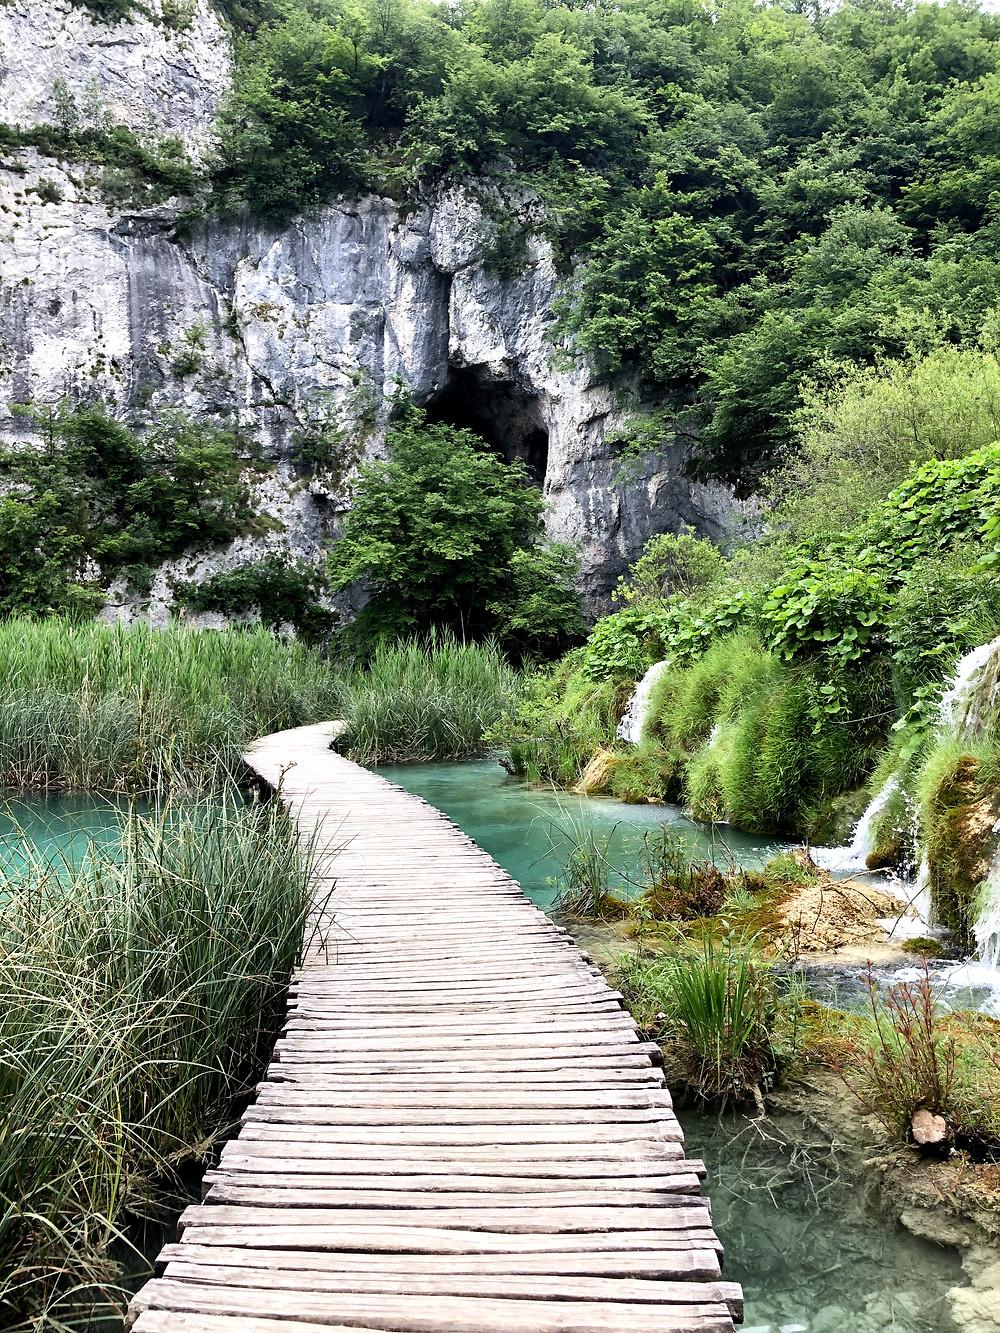 Kroatien-Plitvicer-seen-reisebericht-erfahrungen-wasserfall